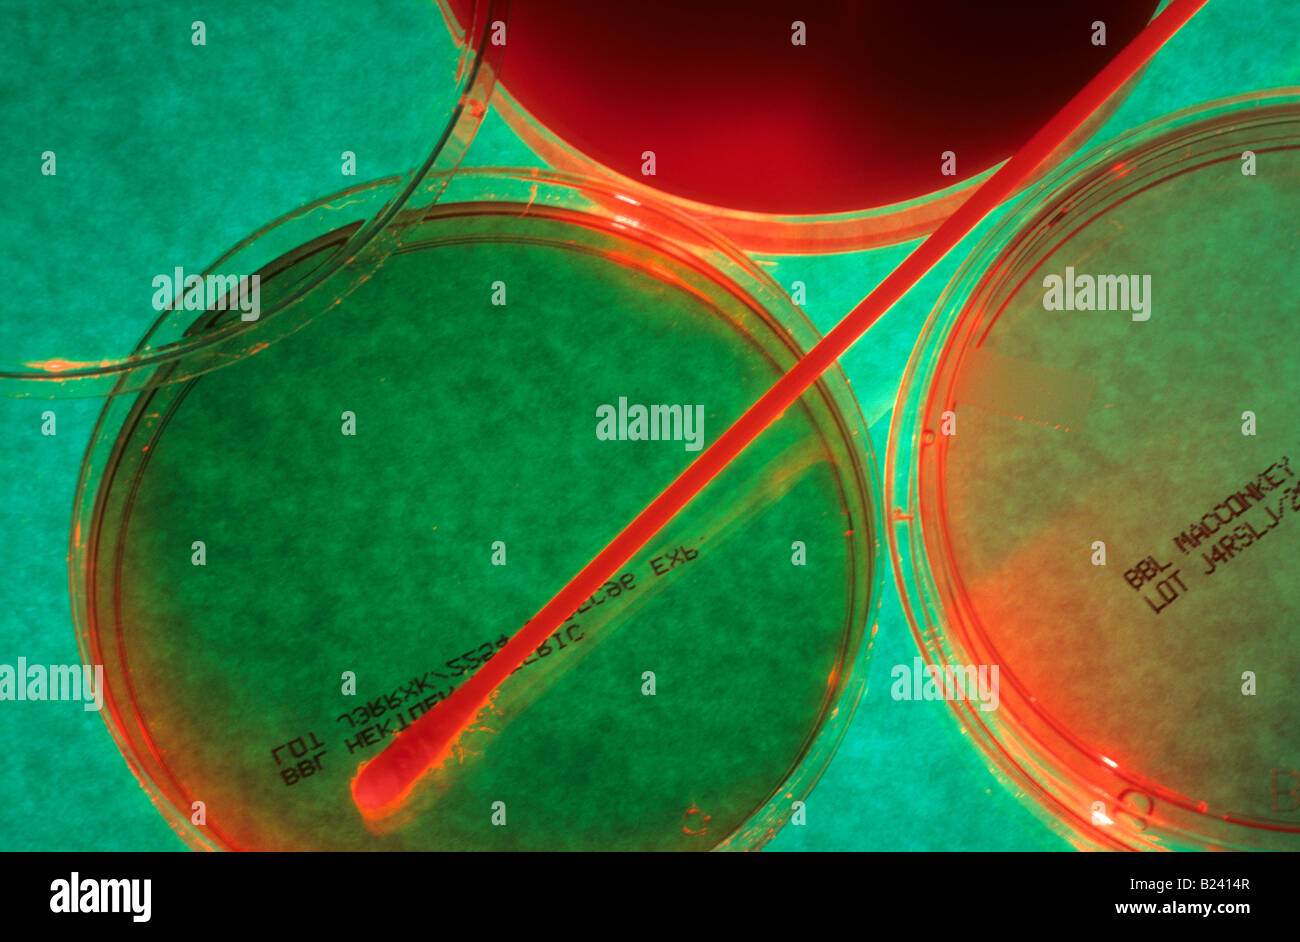 Placas de Petri utilizada para mantener el medio de cultivo sólido Imagen De Stock